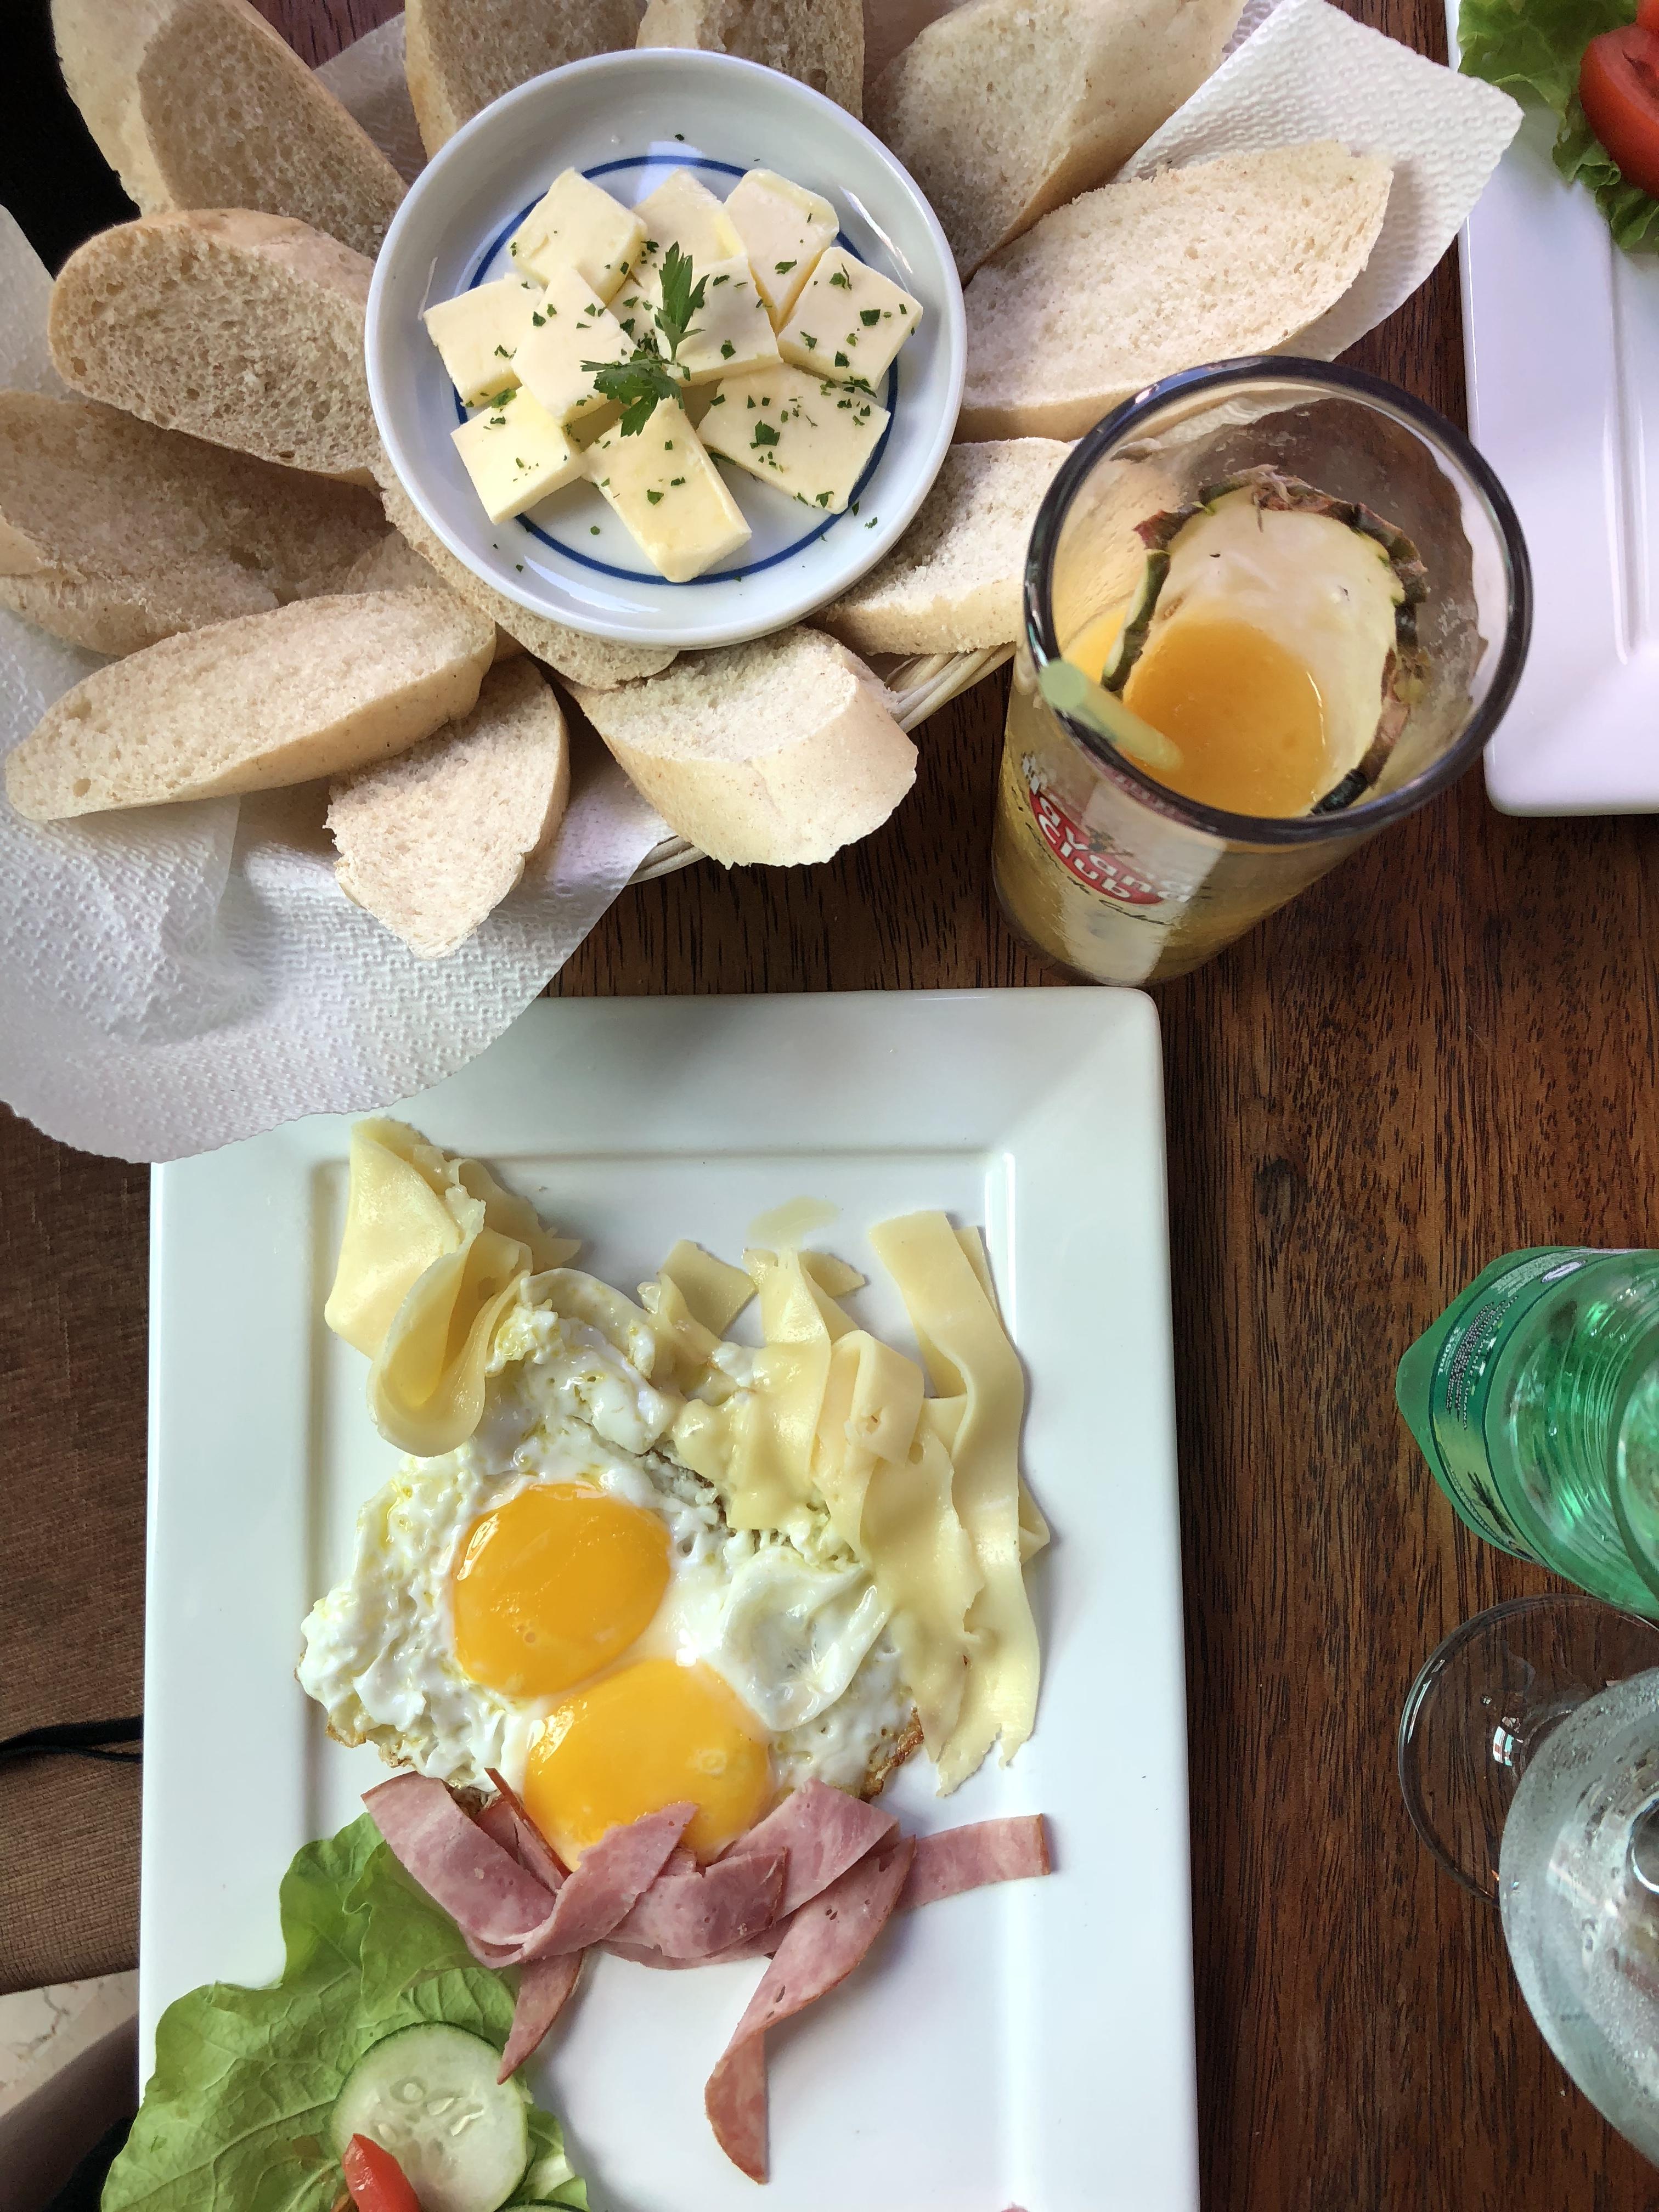 Breakfast-home-cuba.JPG?mtime=20180404140256#asset:101233